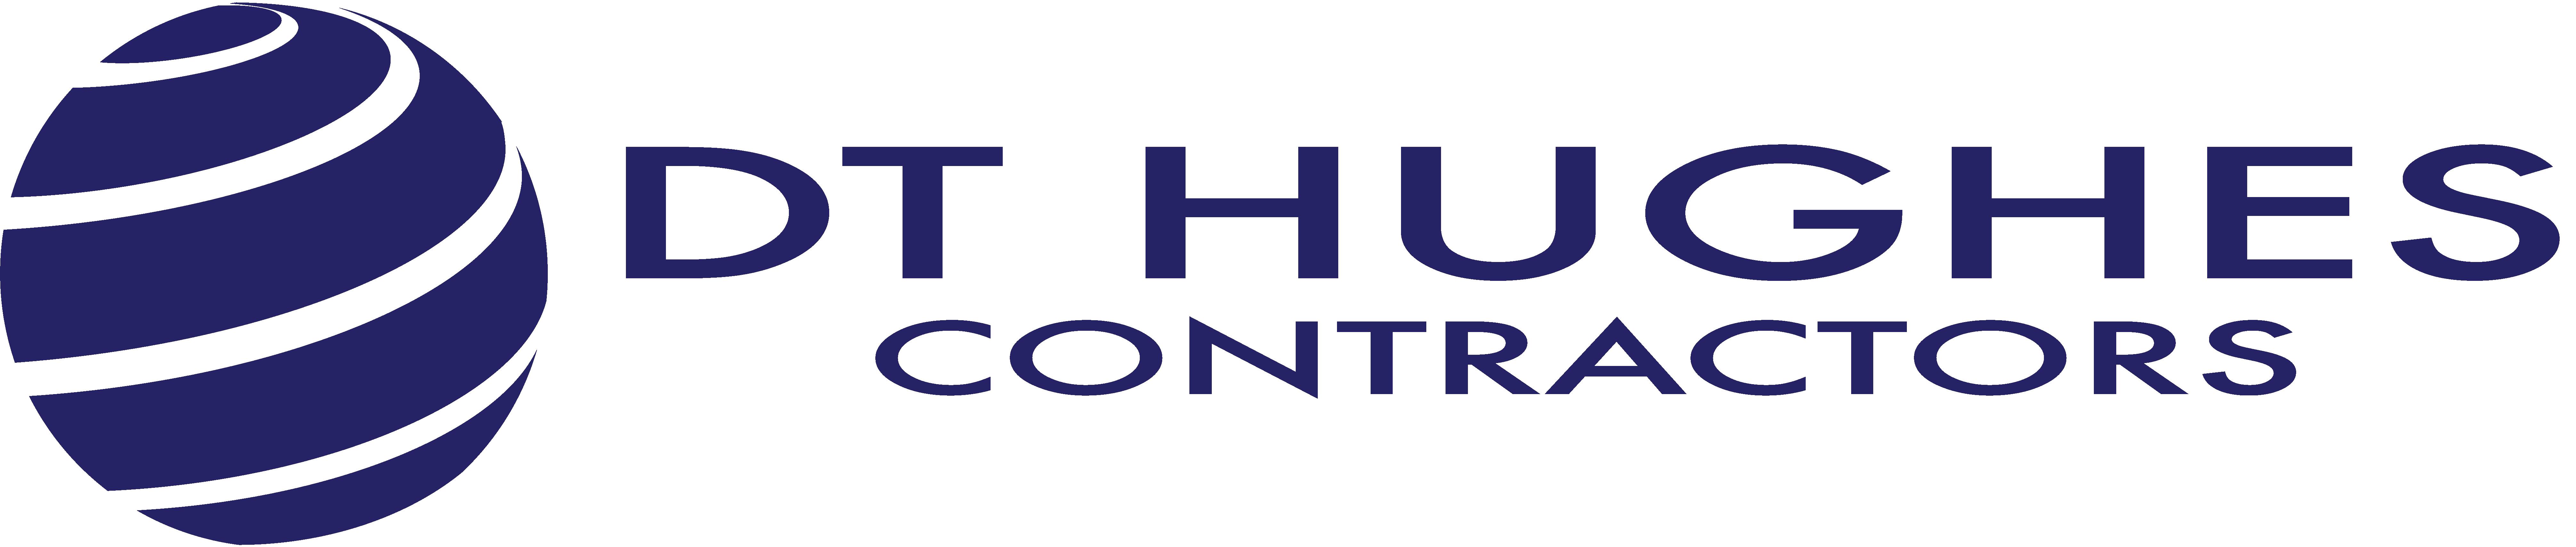 DT Hughes Contractors Ltd